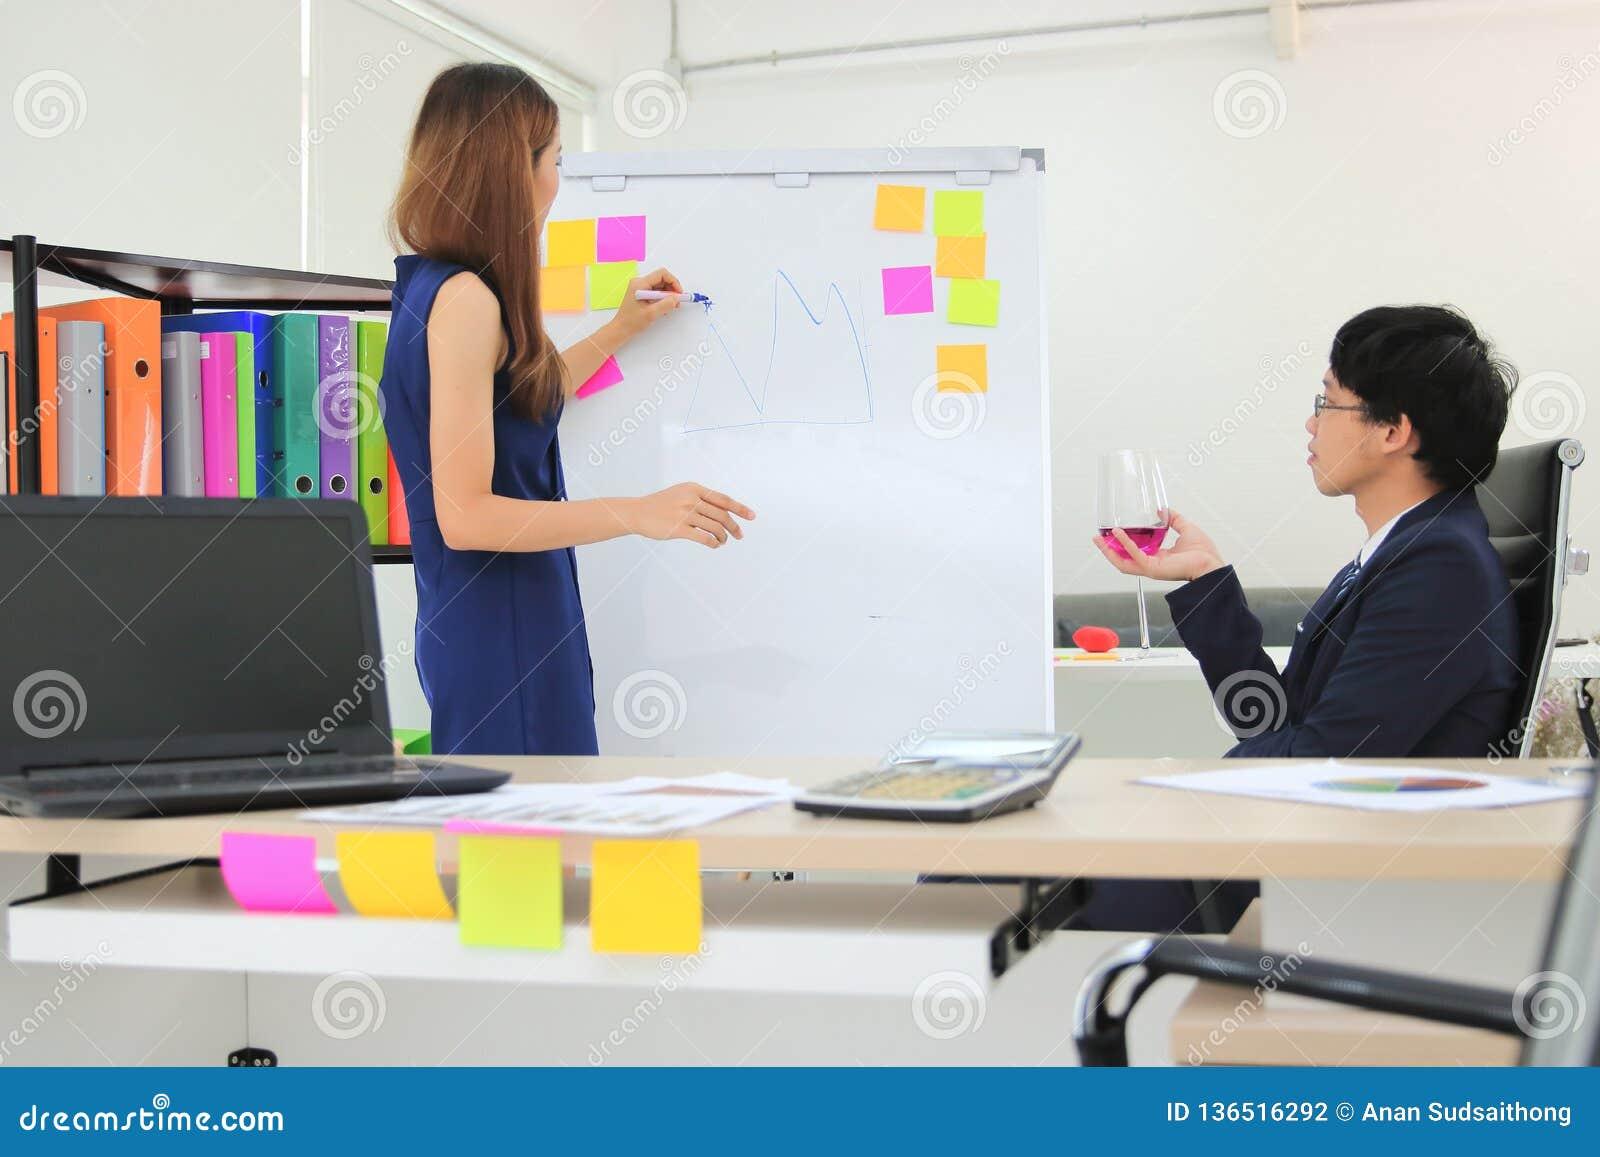 Aziatische uitvoerende chef- luisterwerknemer die strategieën op tikgrafiek verklaren in bestuurskamer